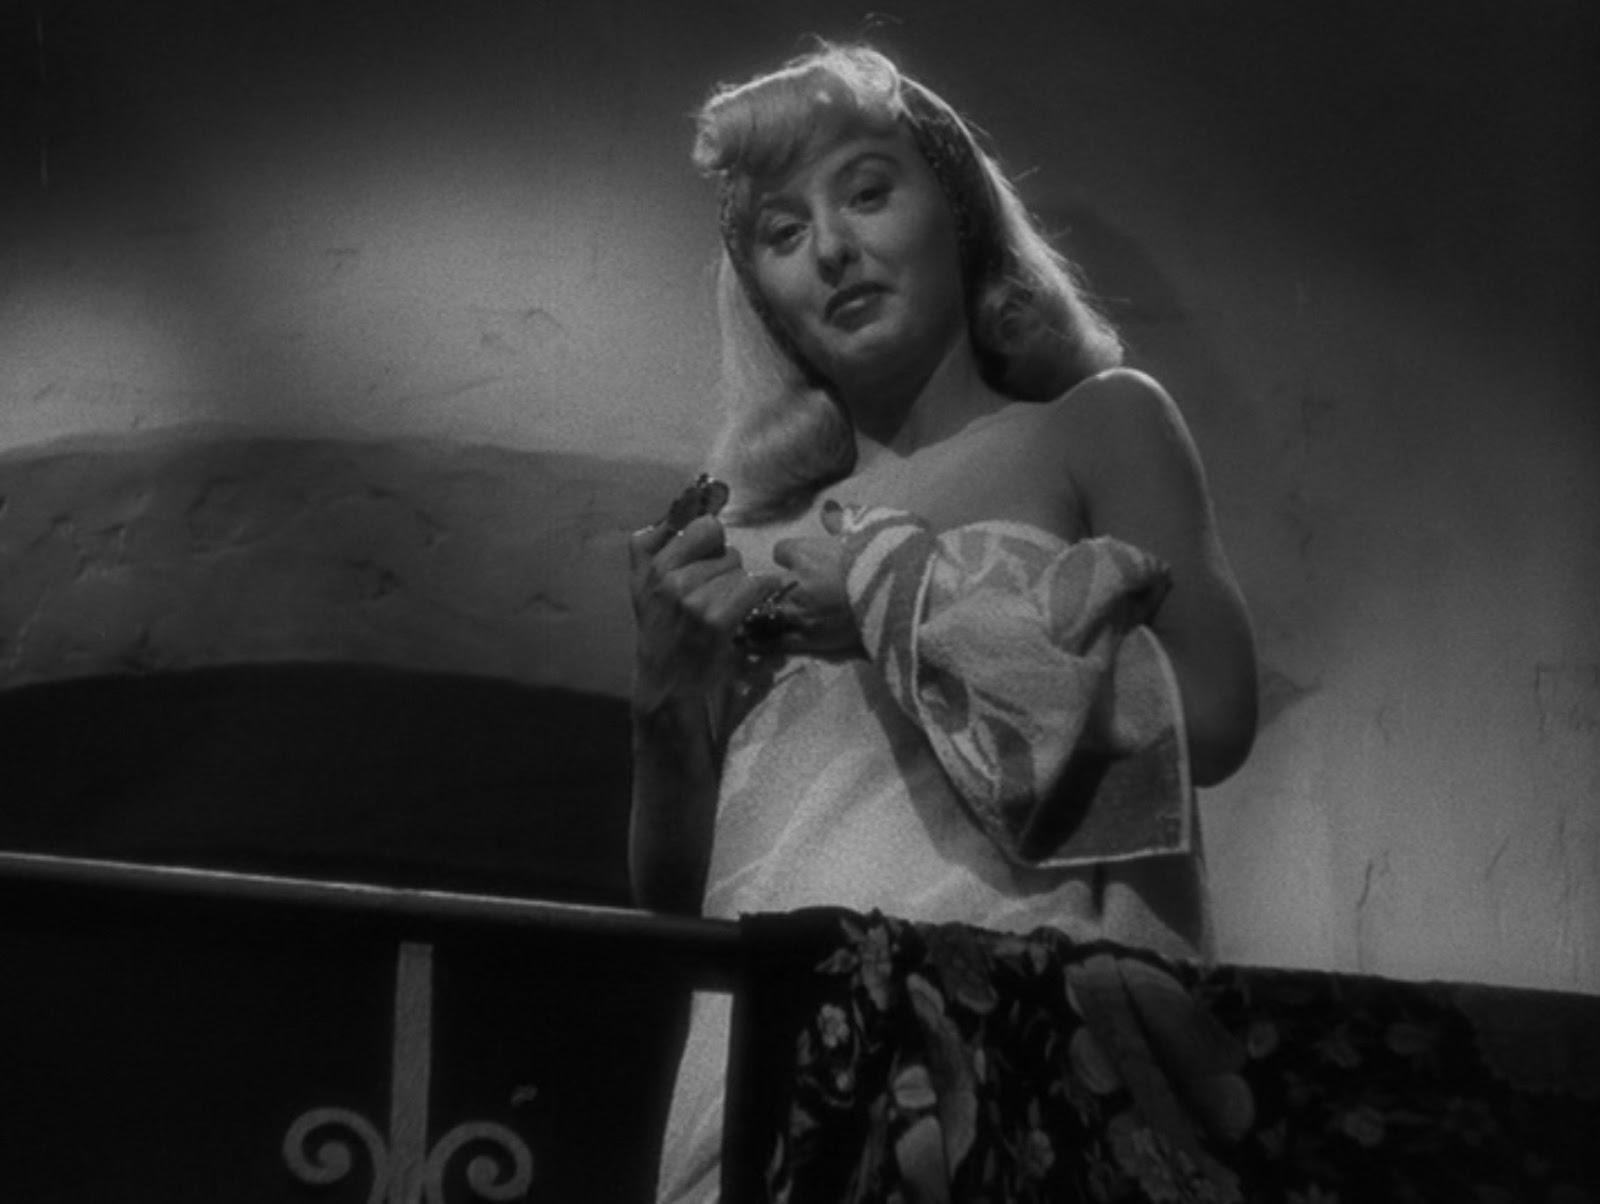 Pin on Actors Barbara Stanwyck And Robert Taylor